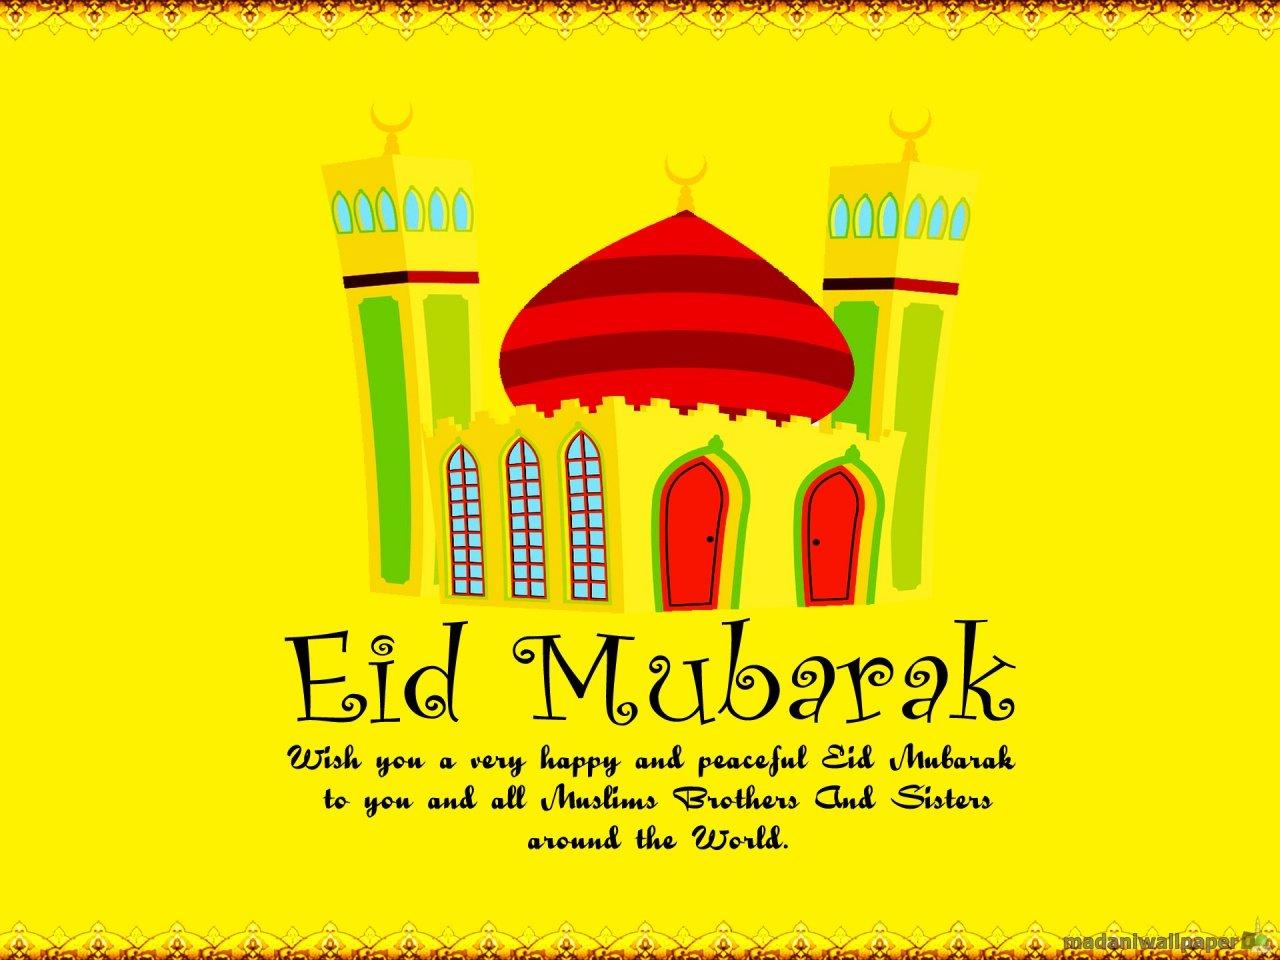 Wonderful Whatsapp Eid Al-Fitr Greeting - eid_mubarak_hd_desktop_wallpapers_2013-1280x960  Pic_78424 .jpg